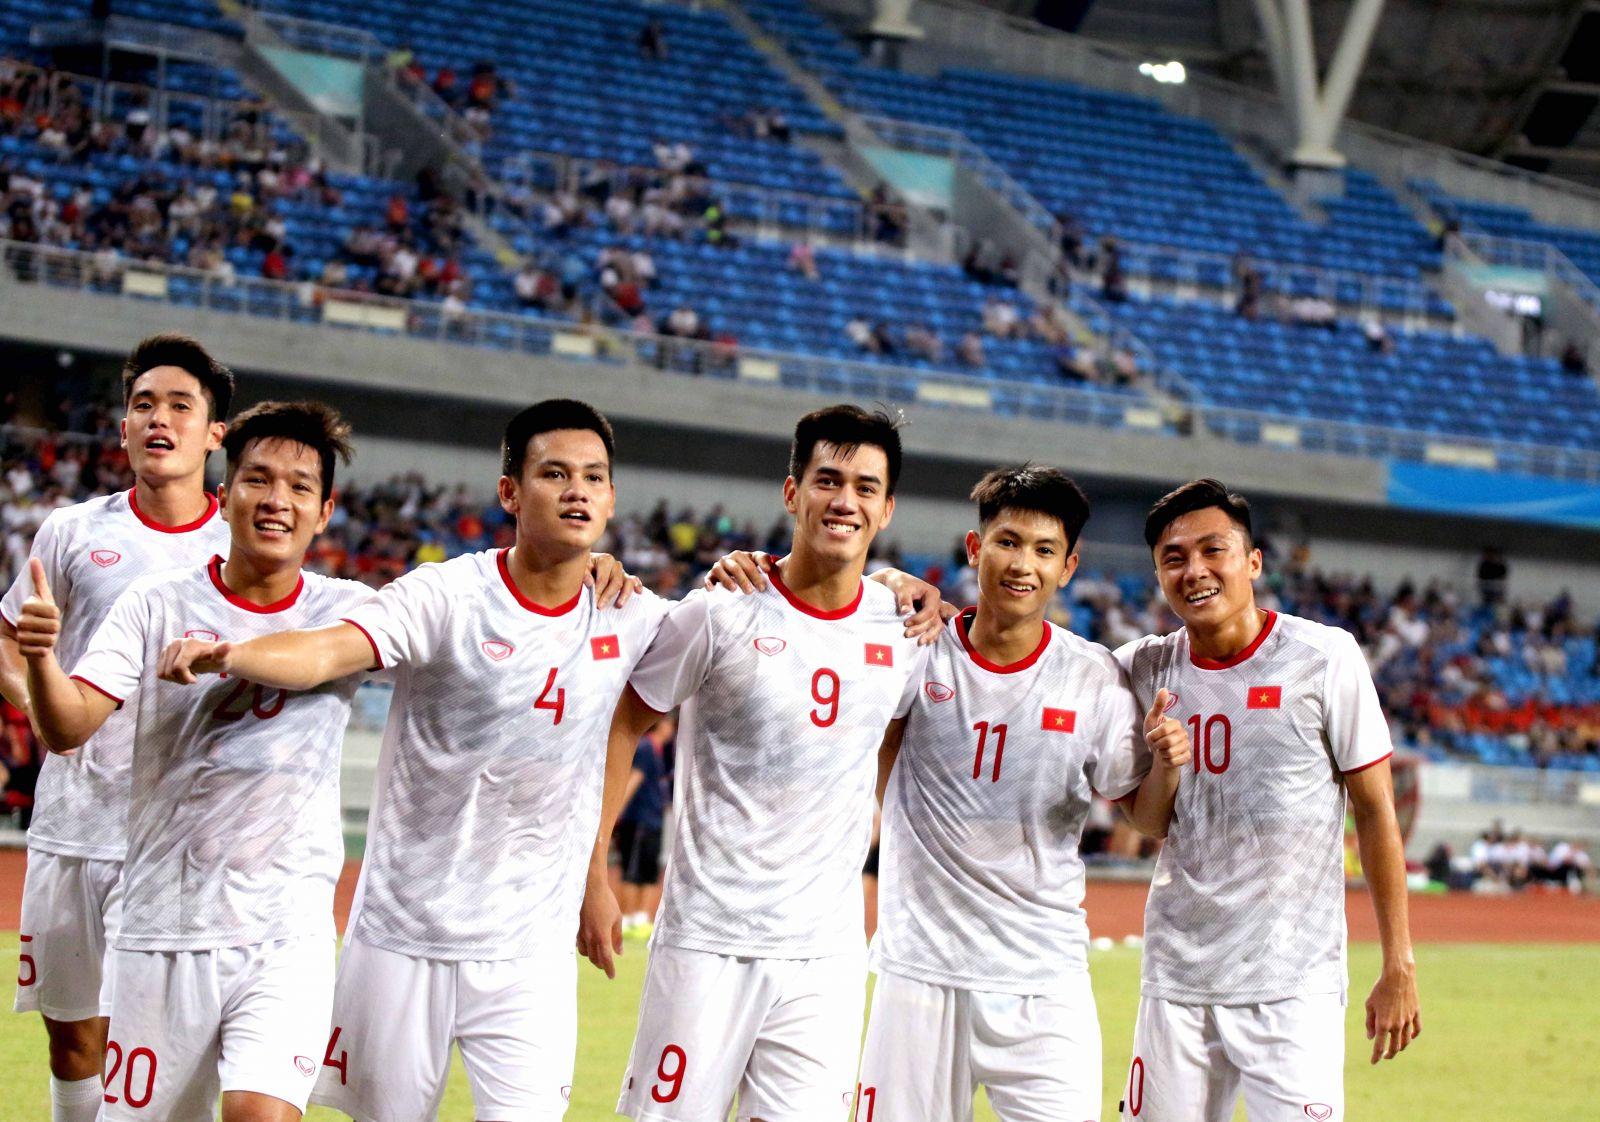 BLV Quang Huy: U23 Việt Nam đủ sức giành vé vào tứ kết giải châu Á - Bóng Đá